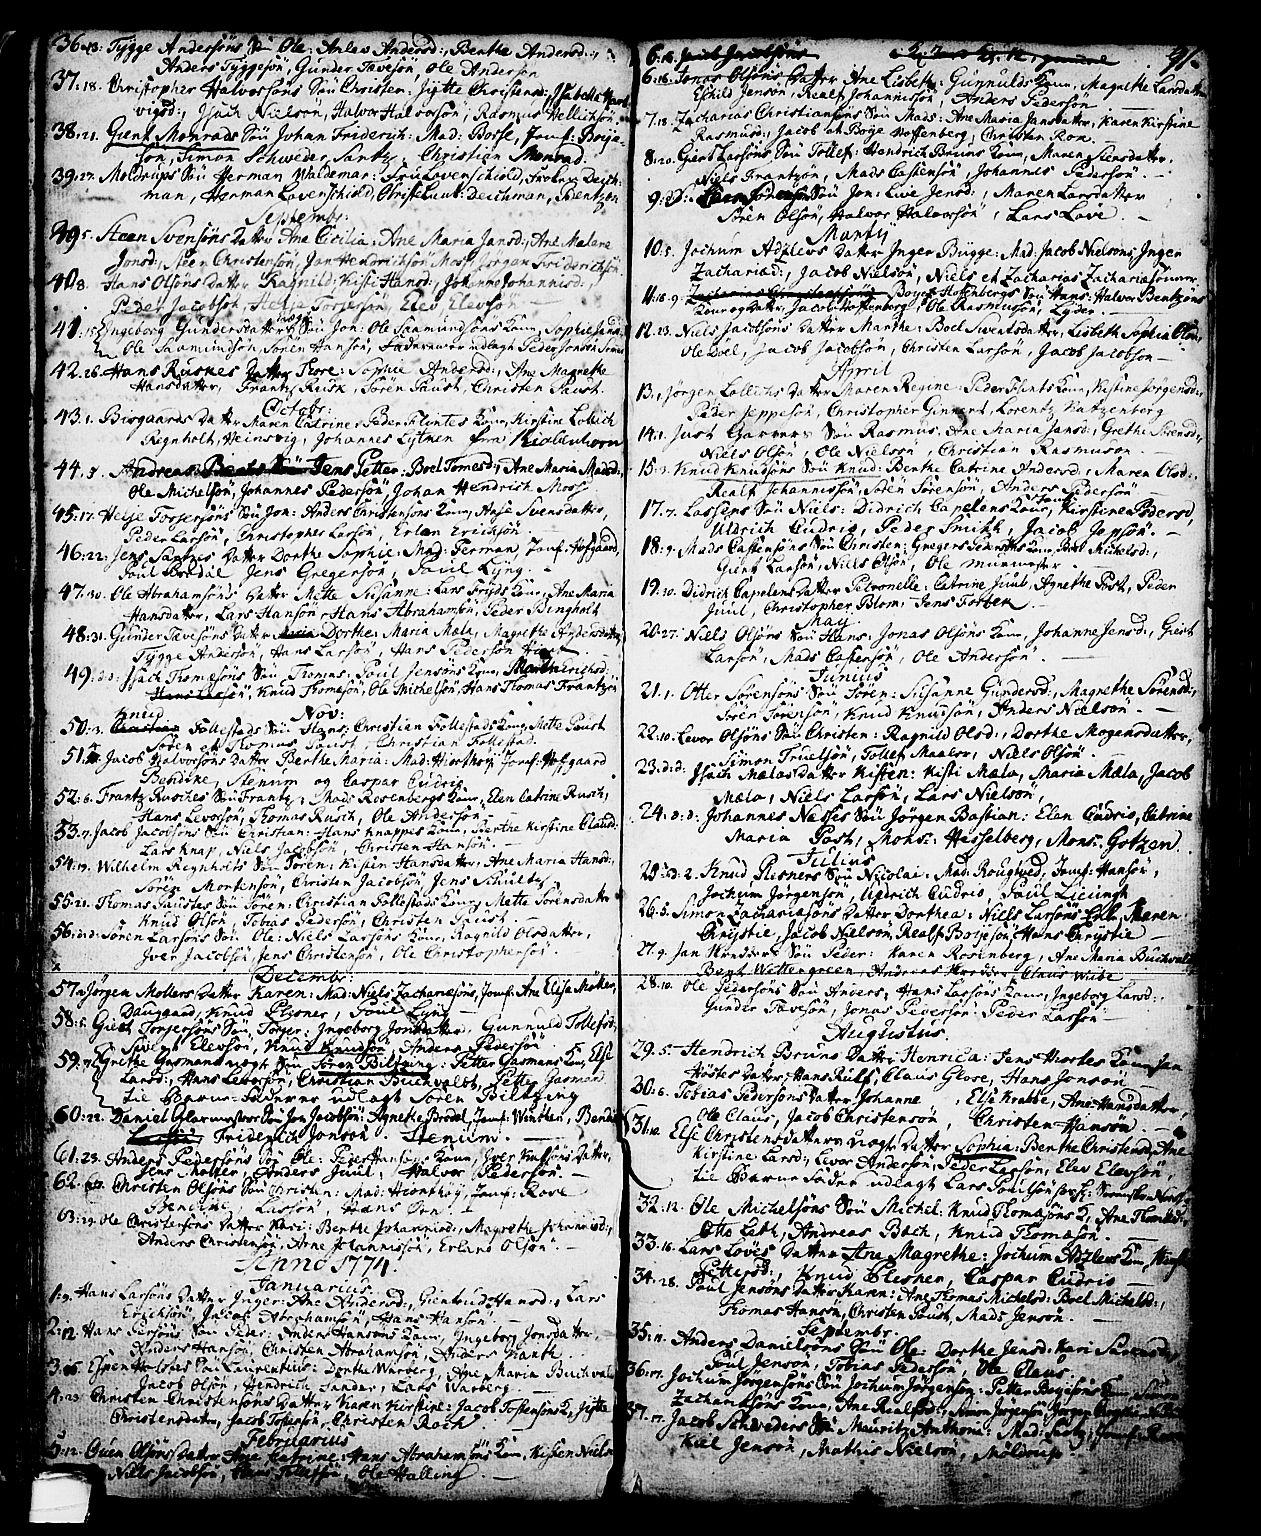 SAKO, Skien kirkebøker, G/Ga/L0001: Klokkerbok nr. 1, 1756-1791, s. 91